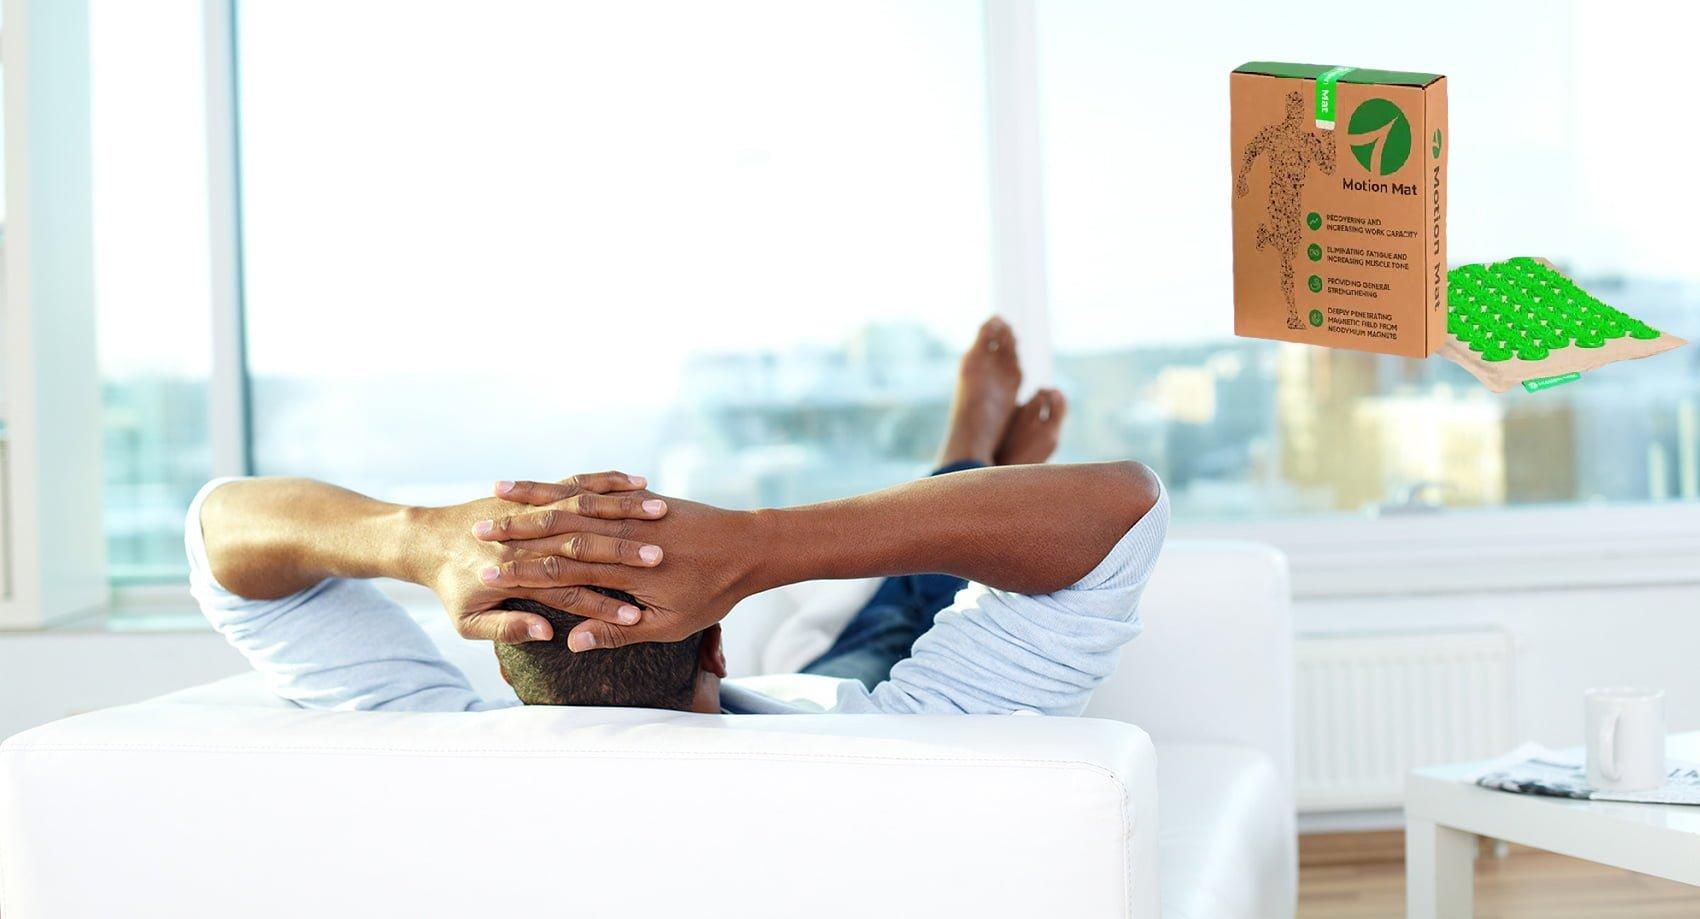 Motion Mat mata do masażu, jak używać, jak to działa